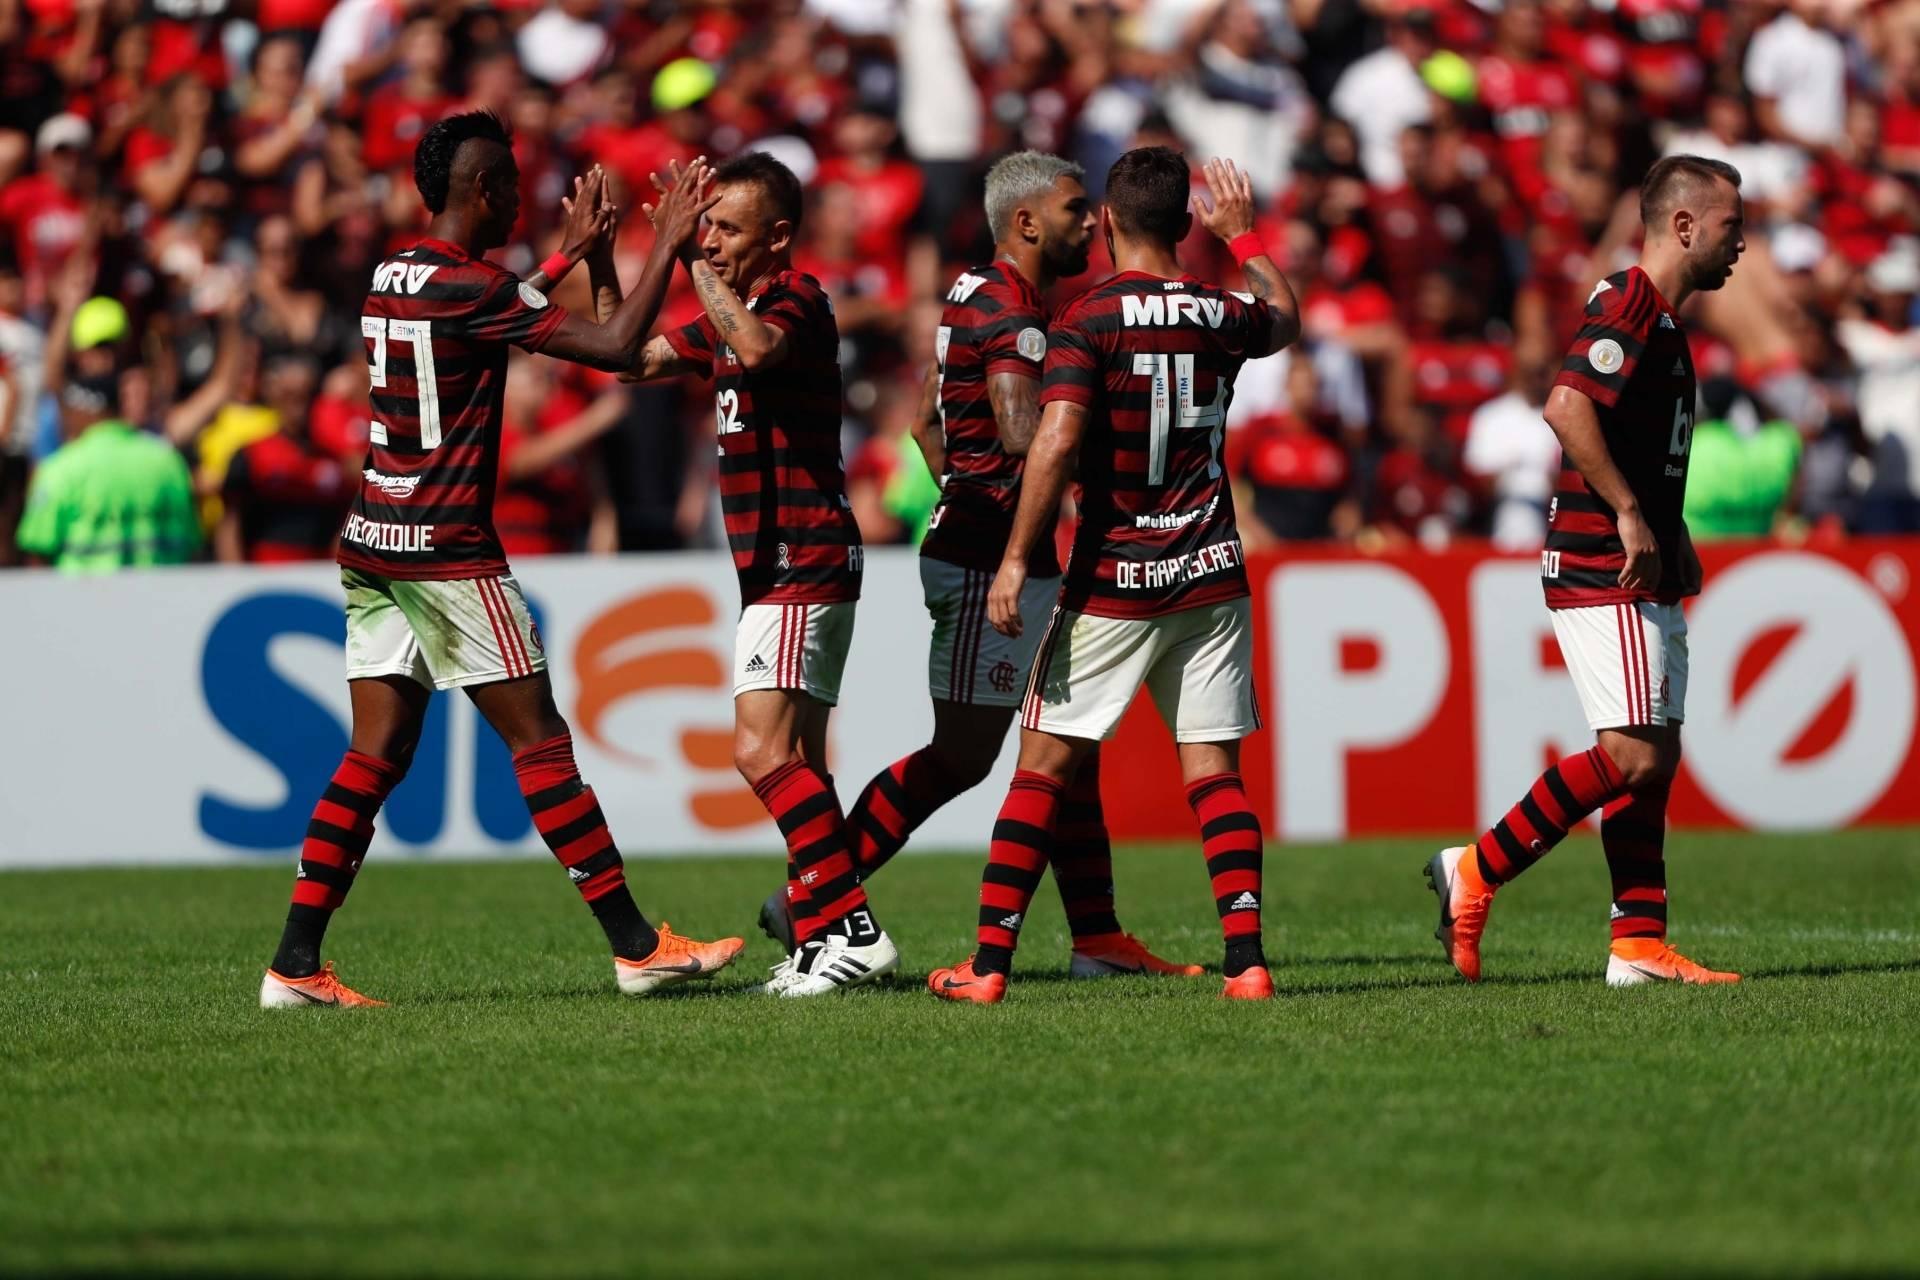 Entenda As Mudancas Taticas Que Fizeram A Diferenca No Flamengo De Jesus O Dia Flamengo